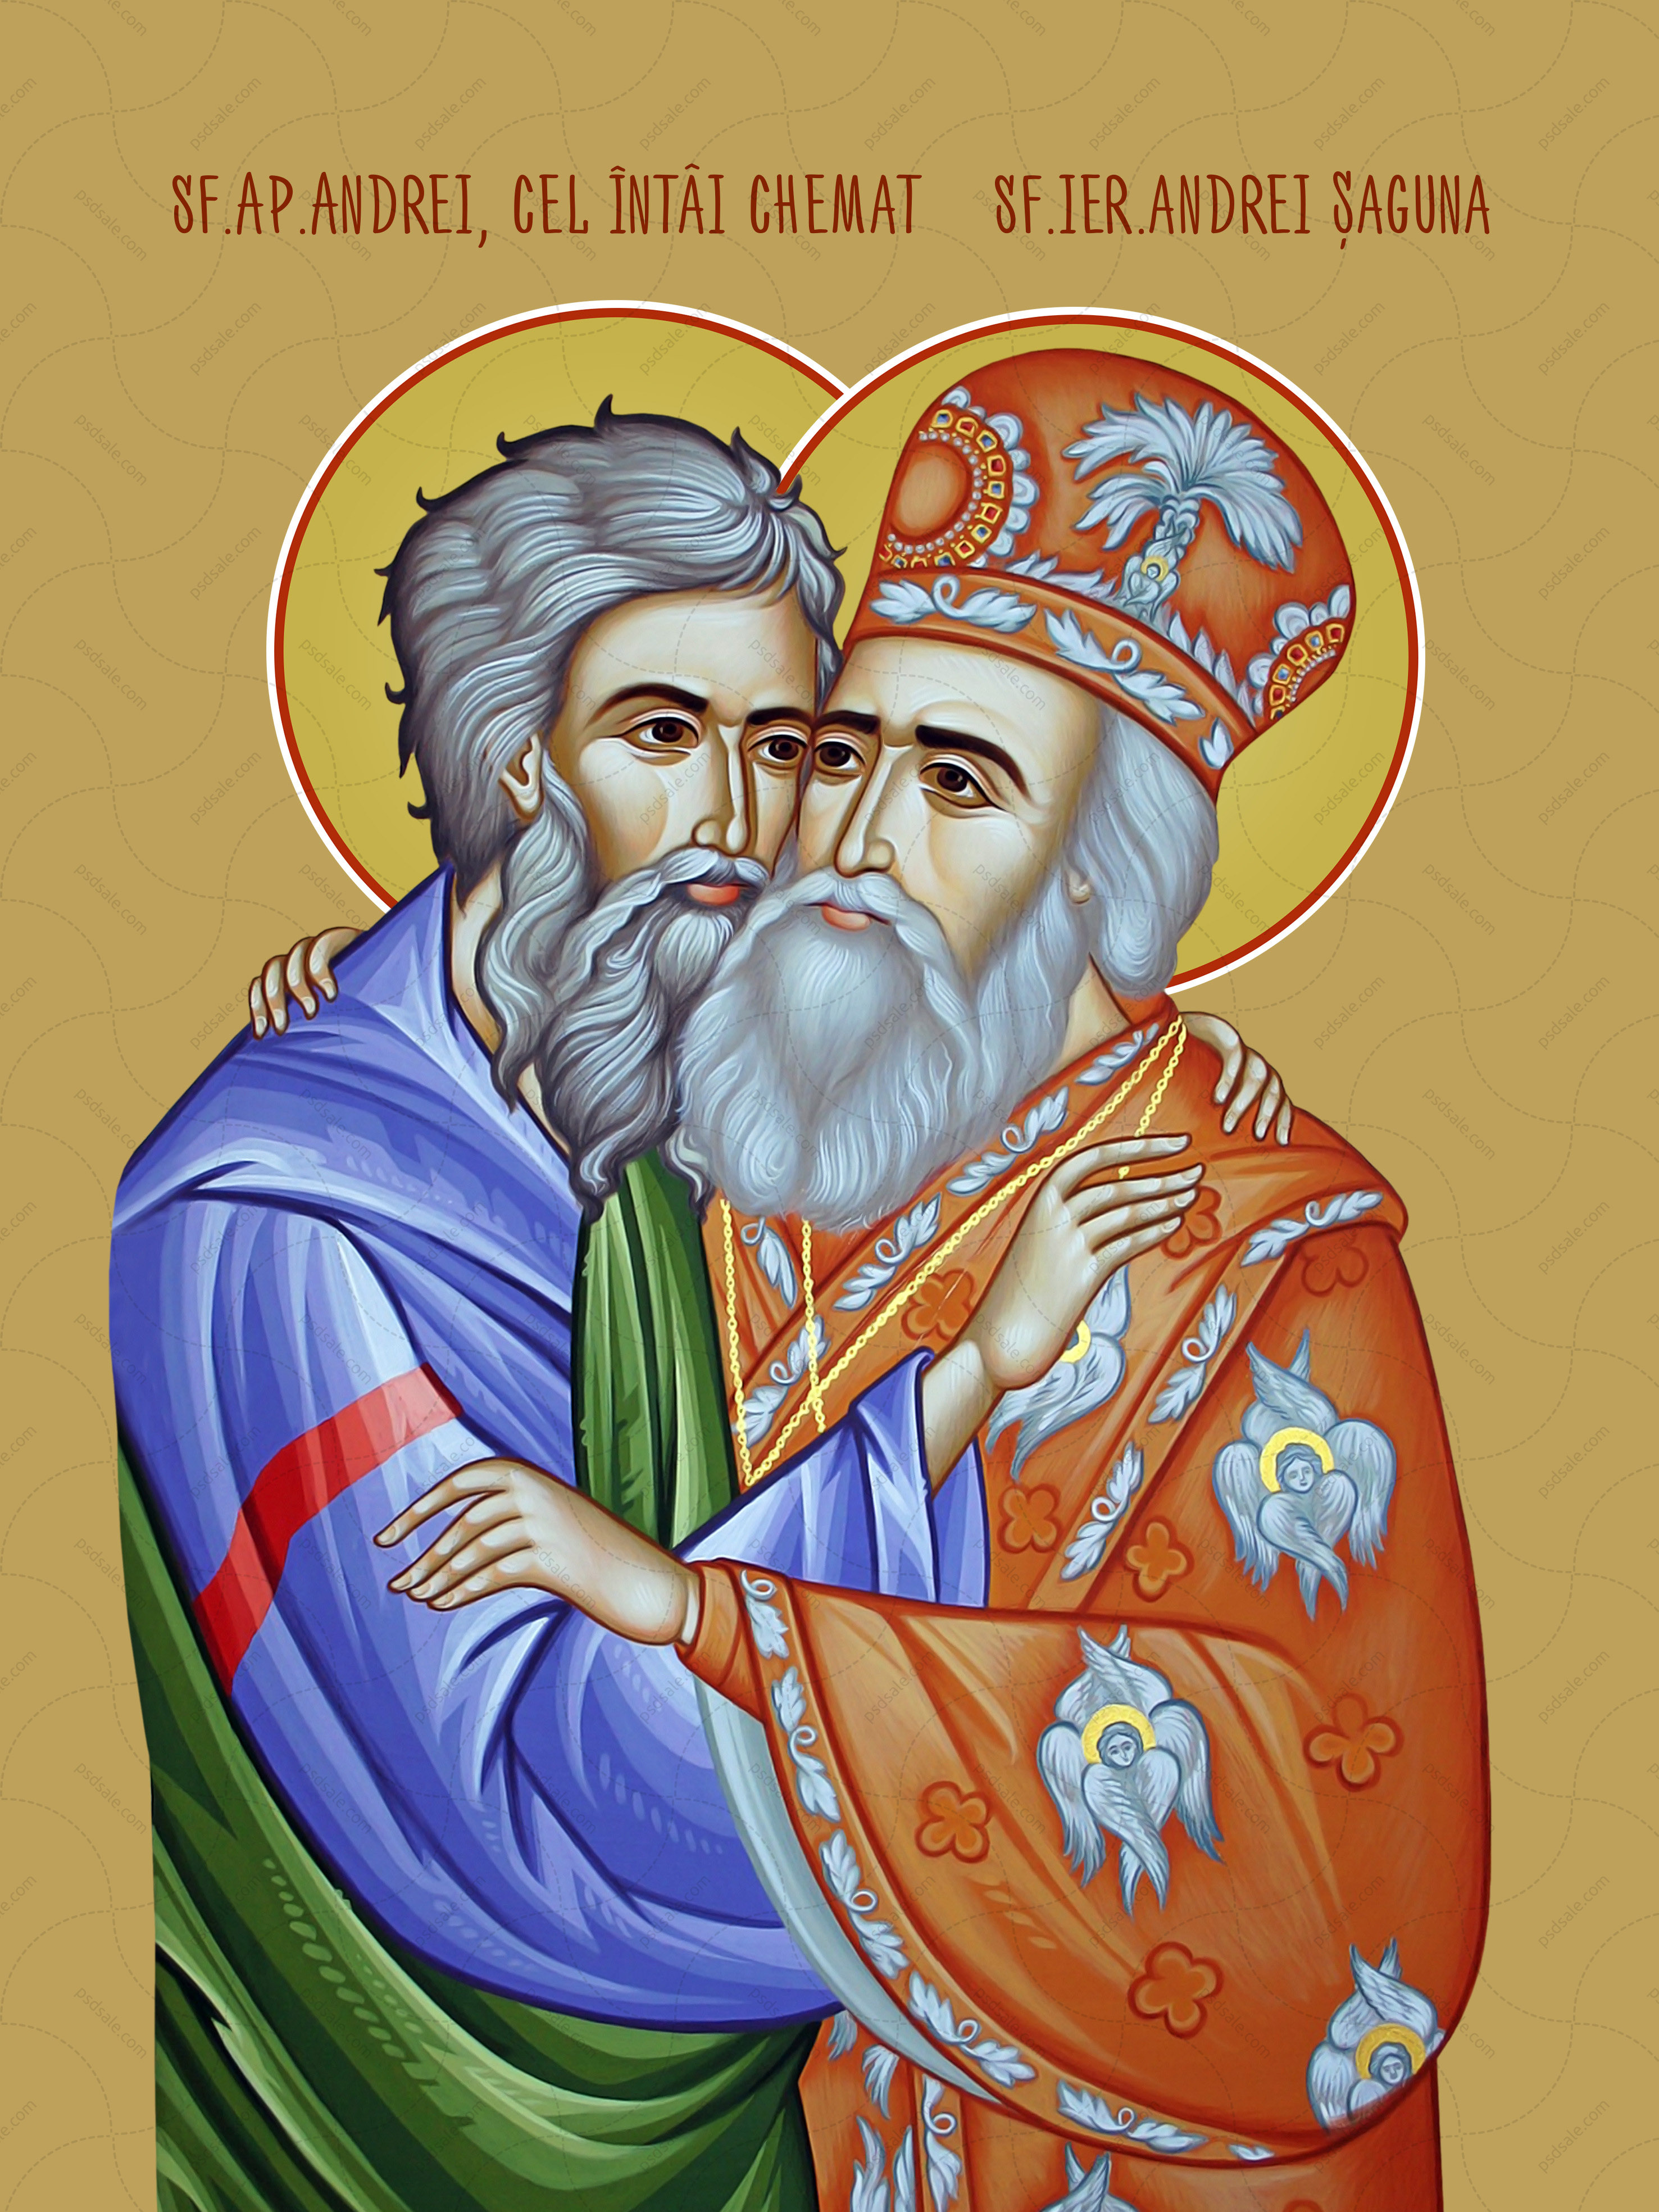 Андрей Первозванный и Андрей Сагуна (Sf. Ap. Andrei, Sf. ier. Andrei Şaguna)